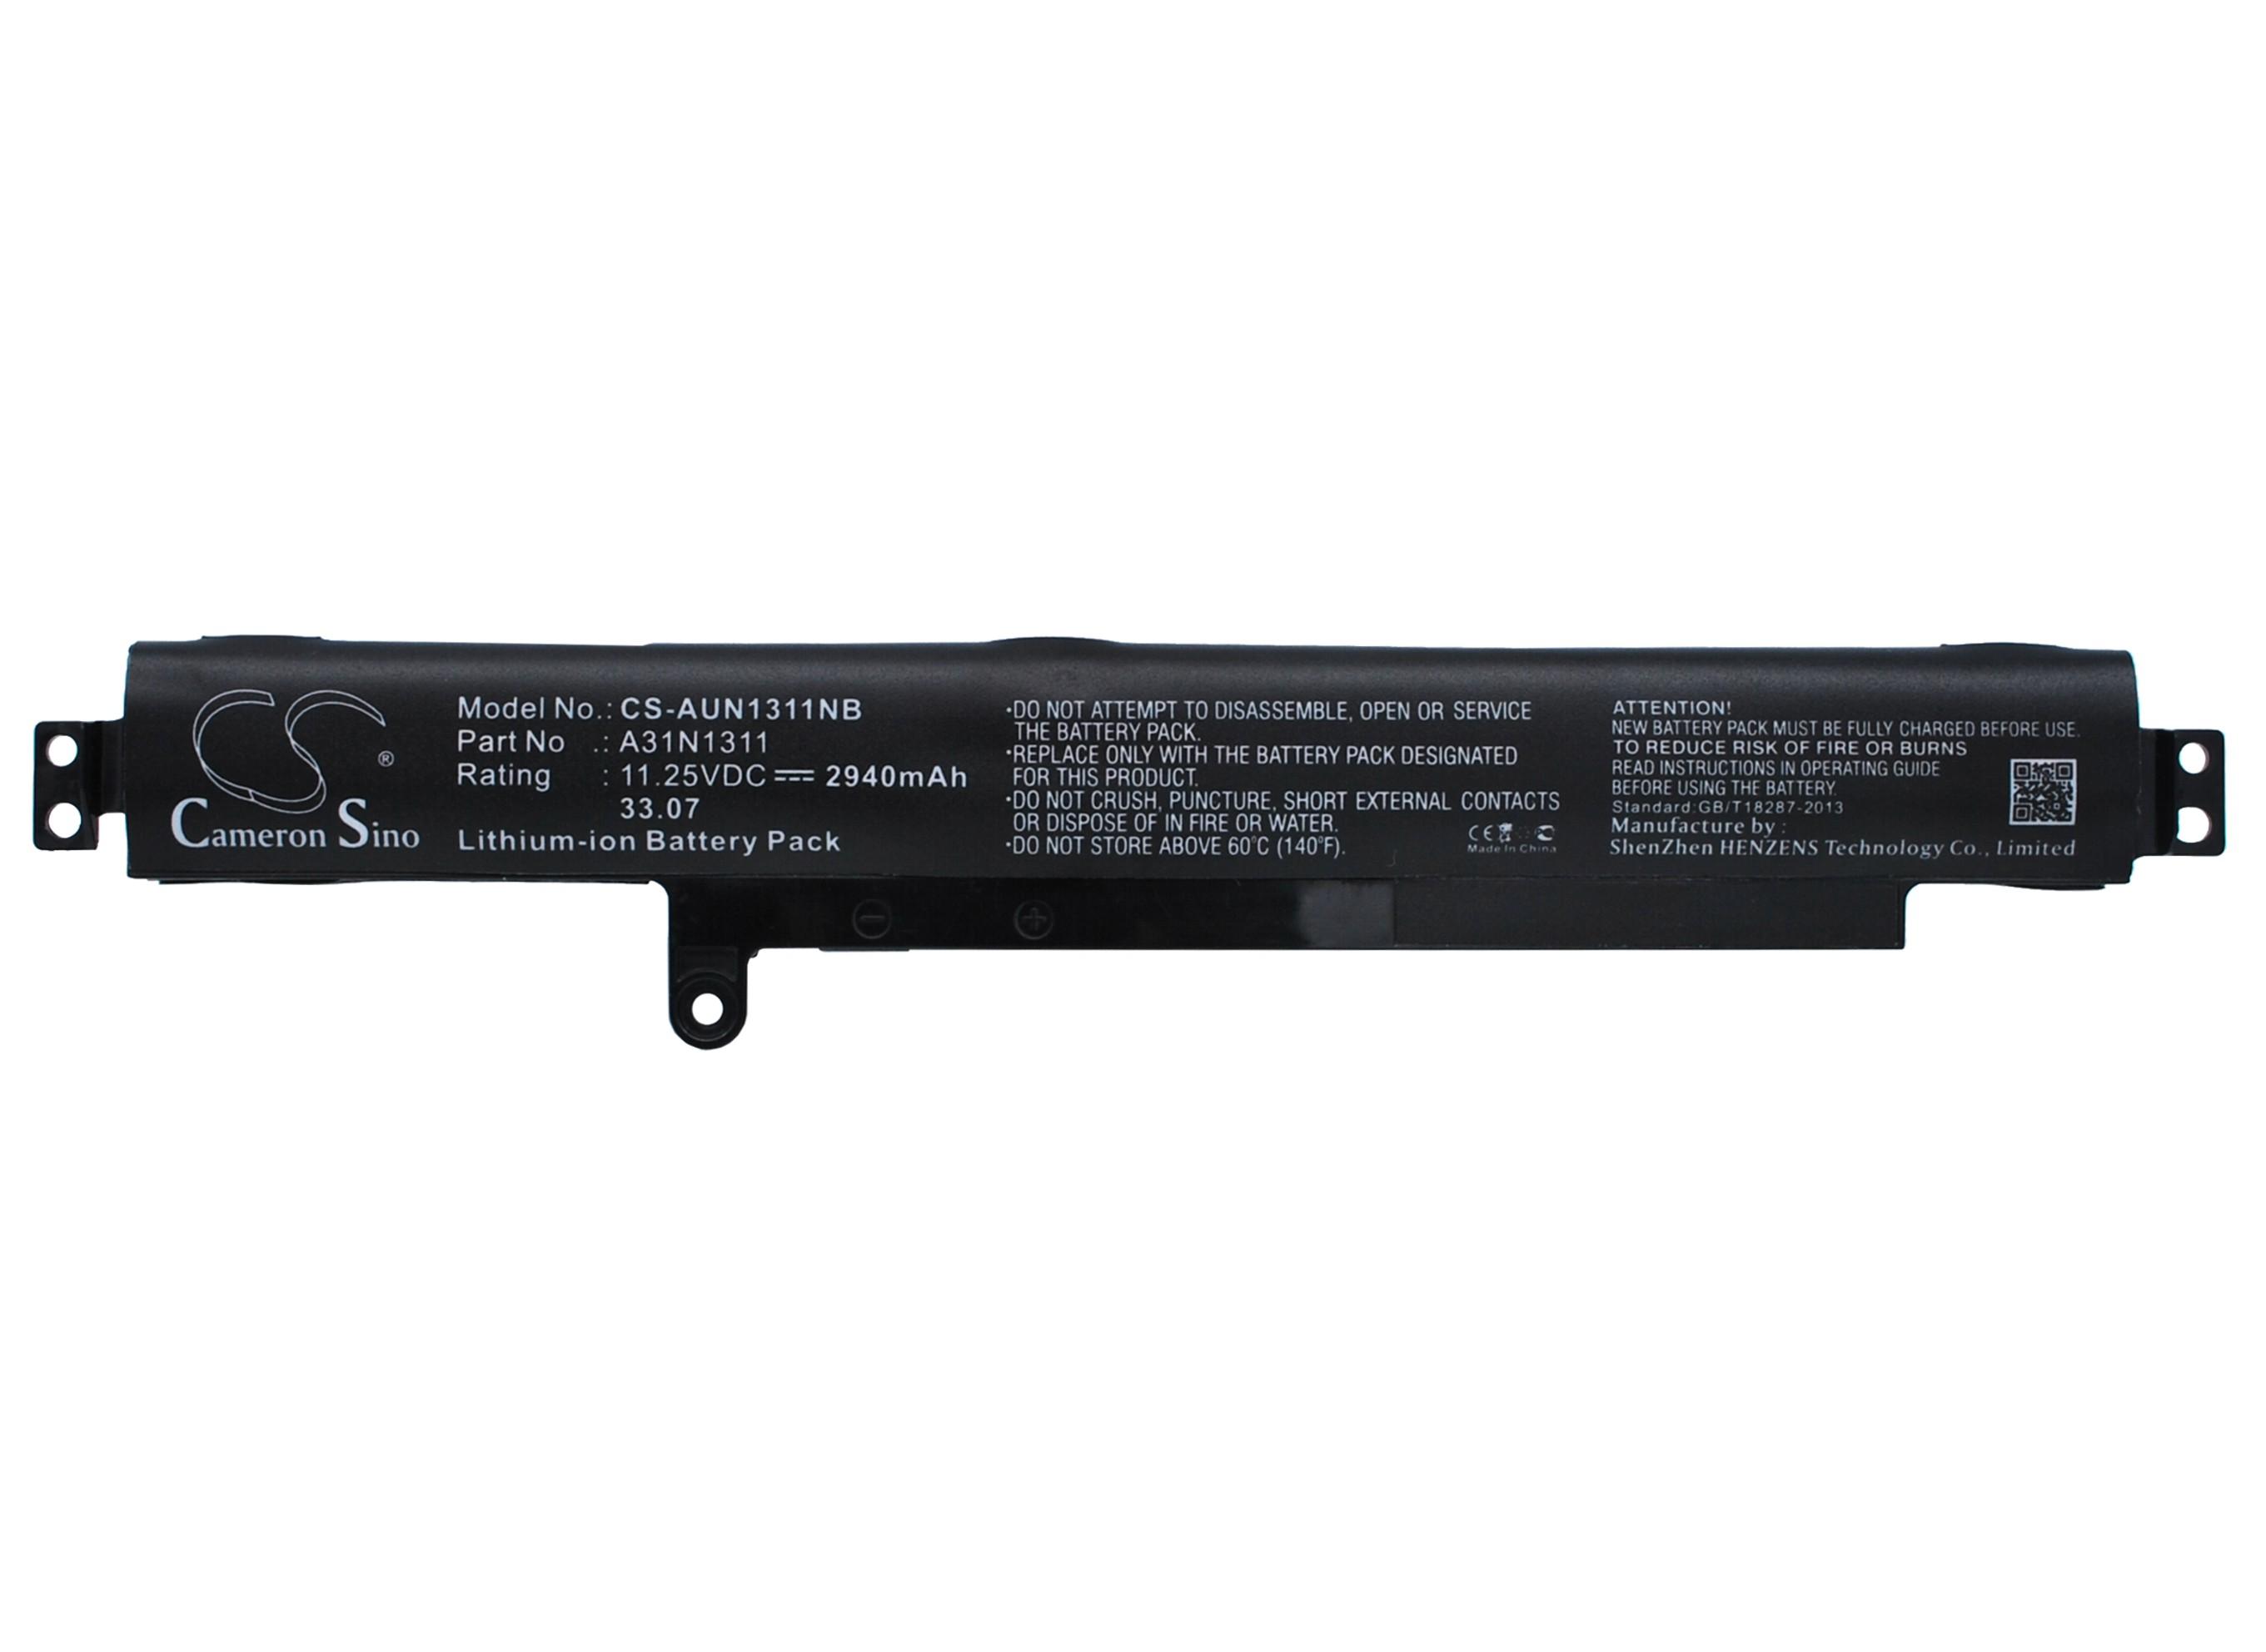 Cameron Sino baterie do notebooků za A31N1311 11.25V Li-ion 2940mAh černá - neoriginální